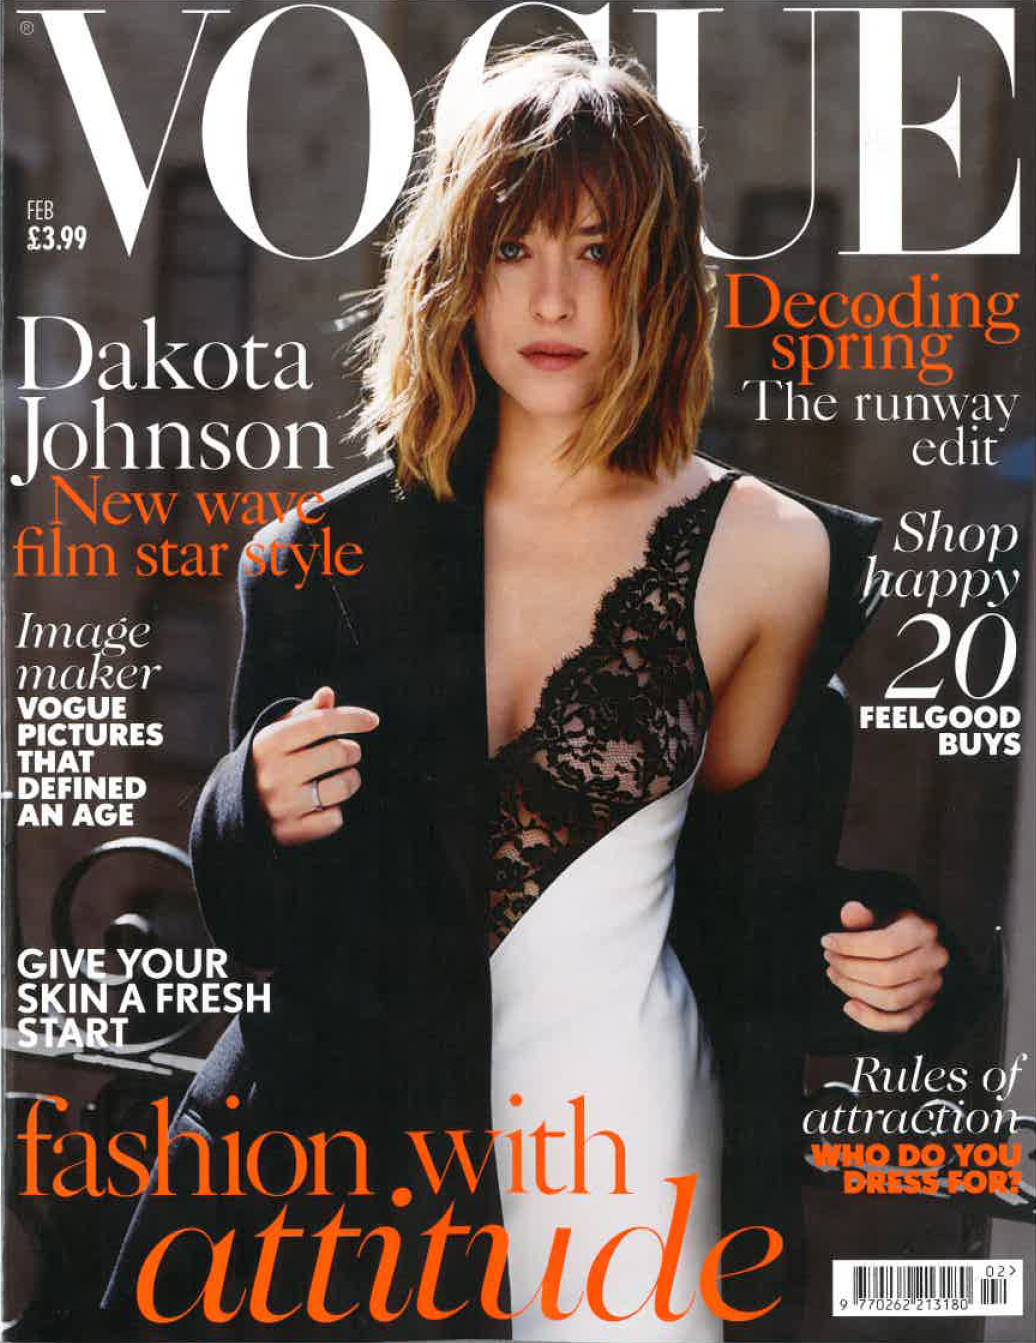 February 2016 - UK VOGUE Magazine